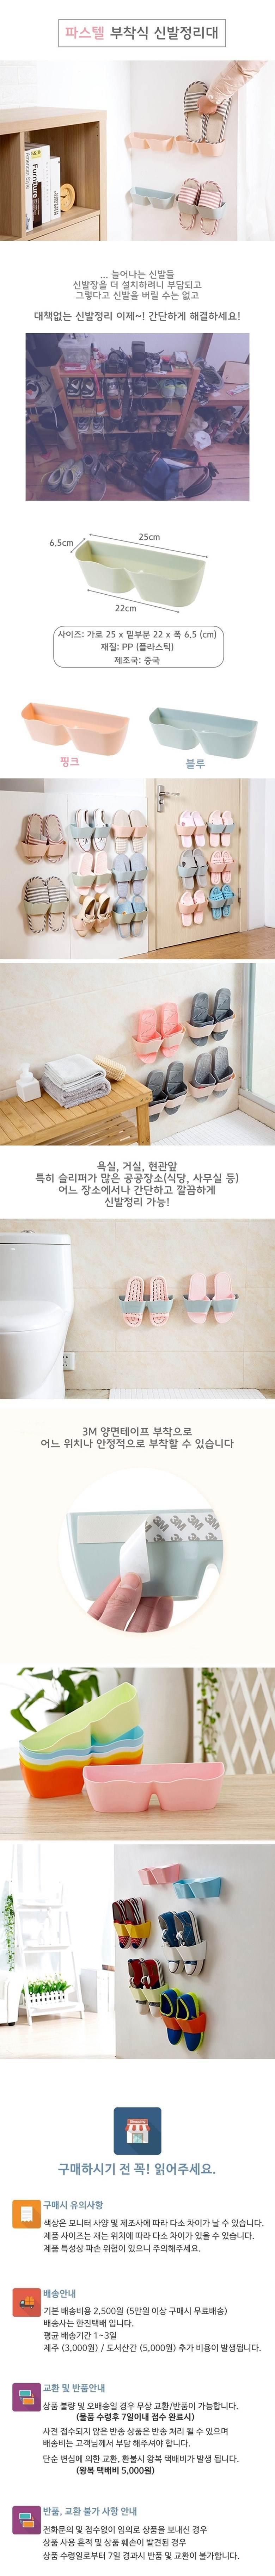 파스텔 부착식 슬리퍼 거치대 - 로맨스바스켓, 1,440원, 수납/선반장, 신발정리대/신발장